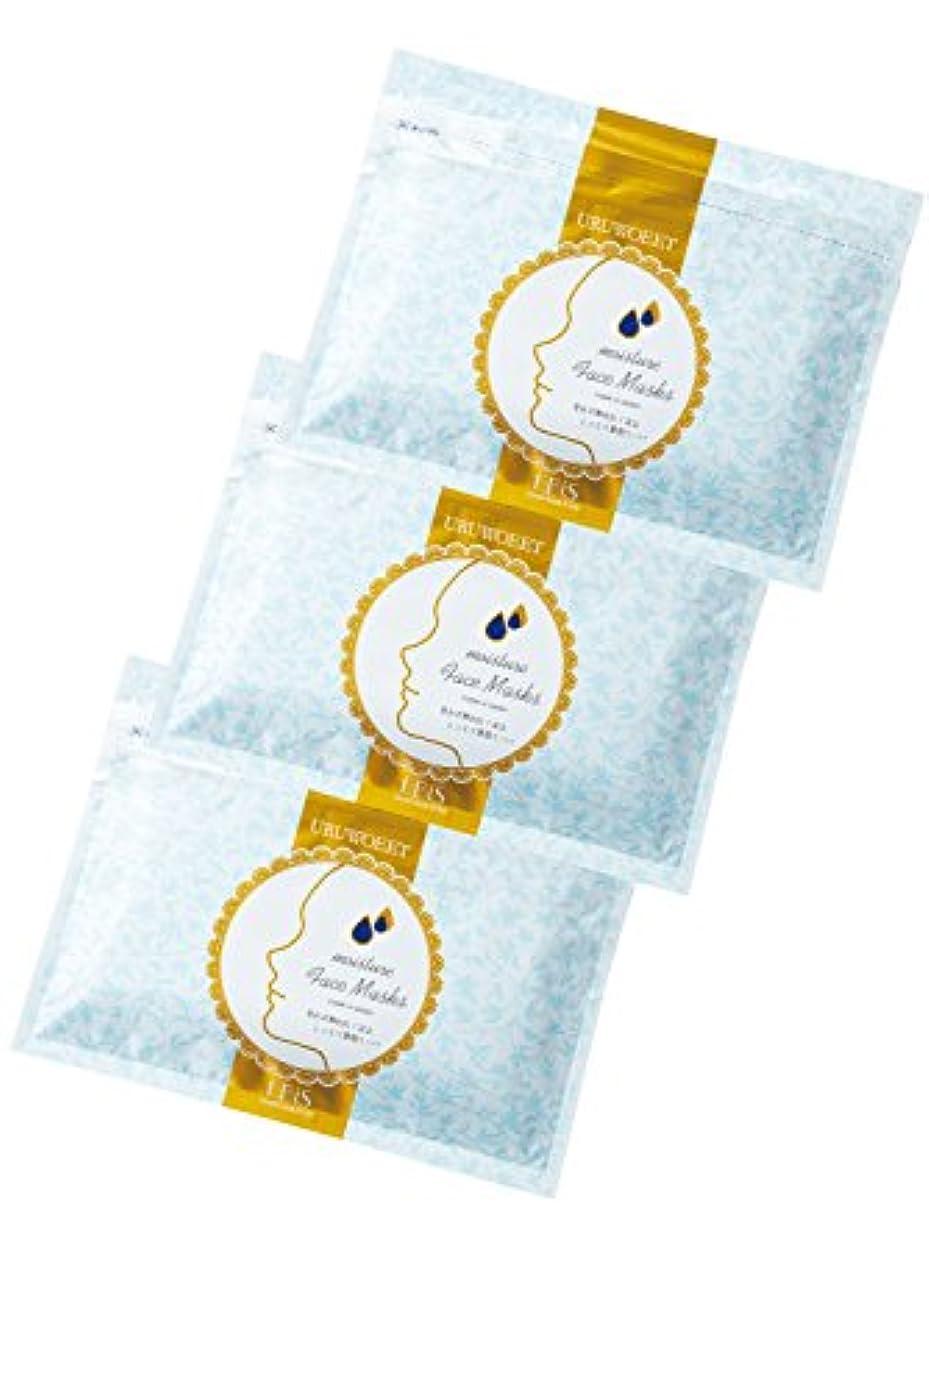 乱す記録養うエビス化粧品(EBiS)オールインワン 贅沢保湿 ウルオイートN フェイスマスク 日本製 美容マスク シートマスク (108枚) 男女兼用